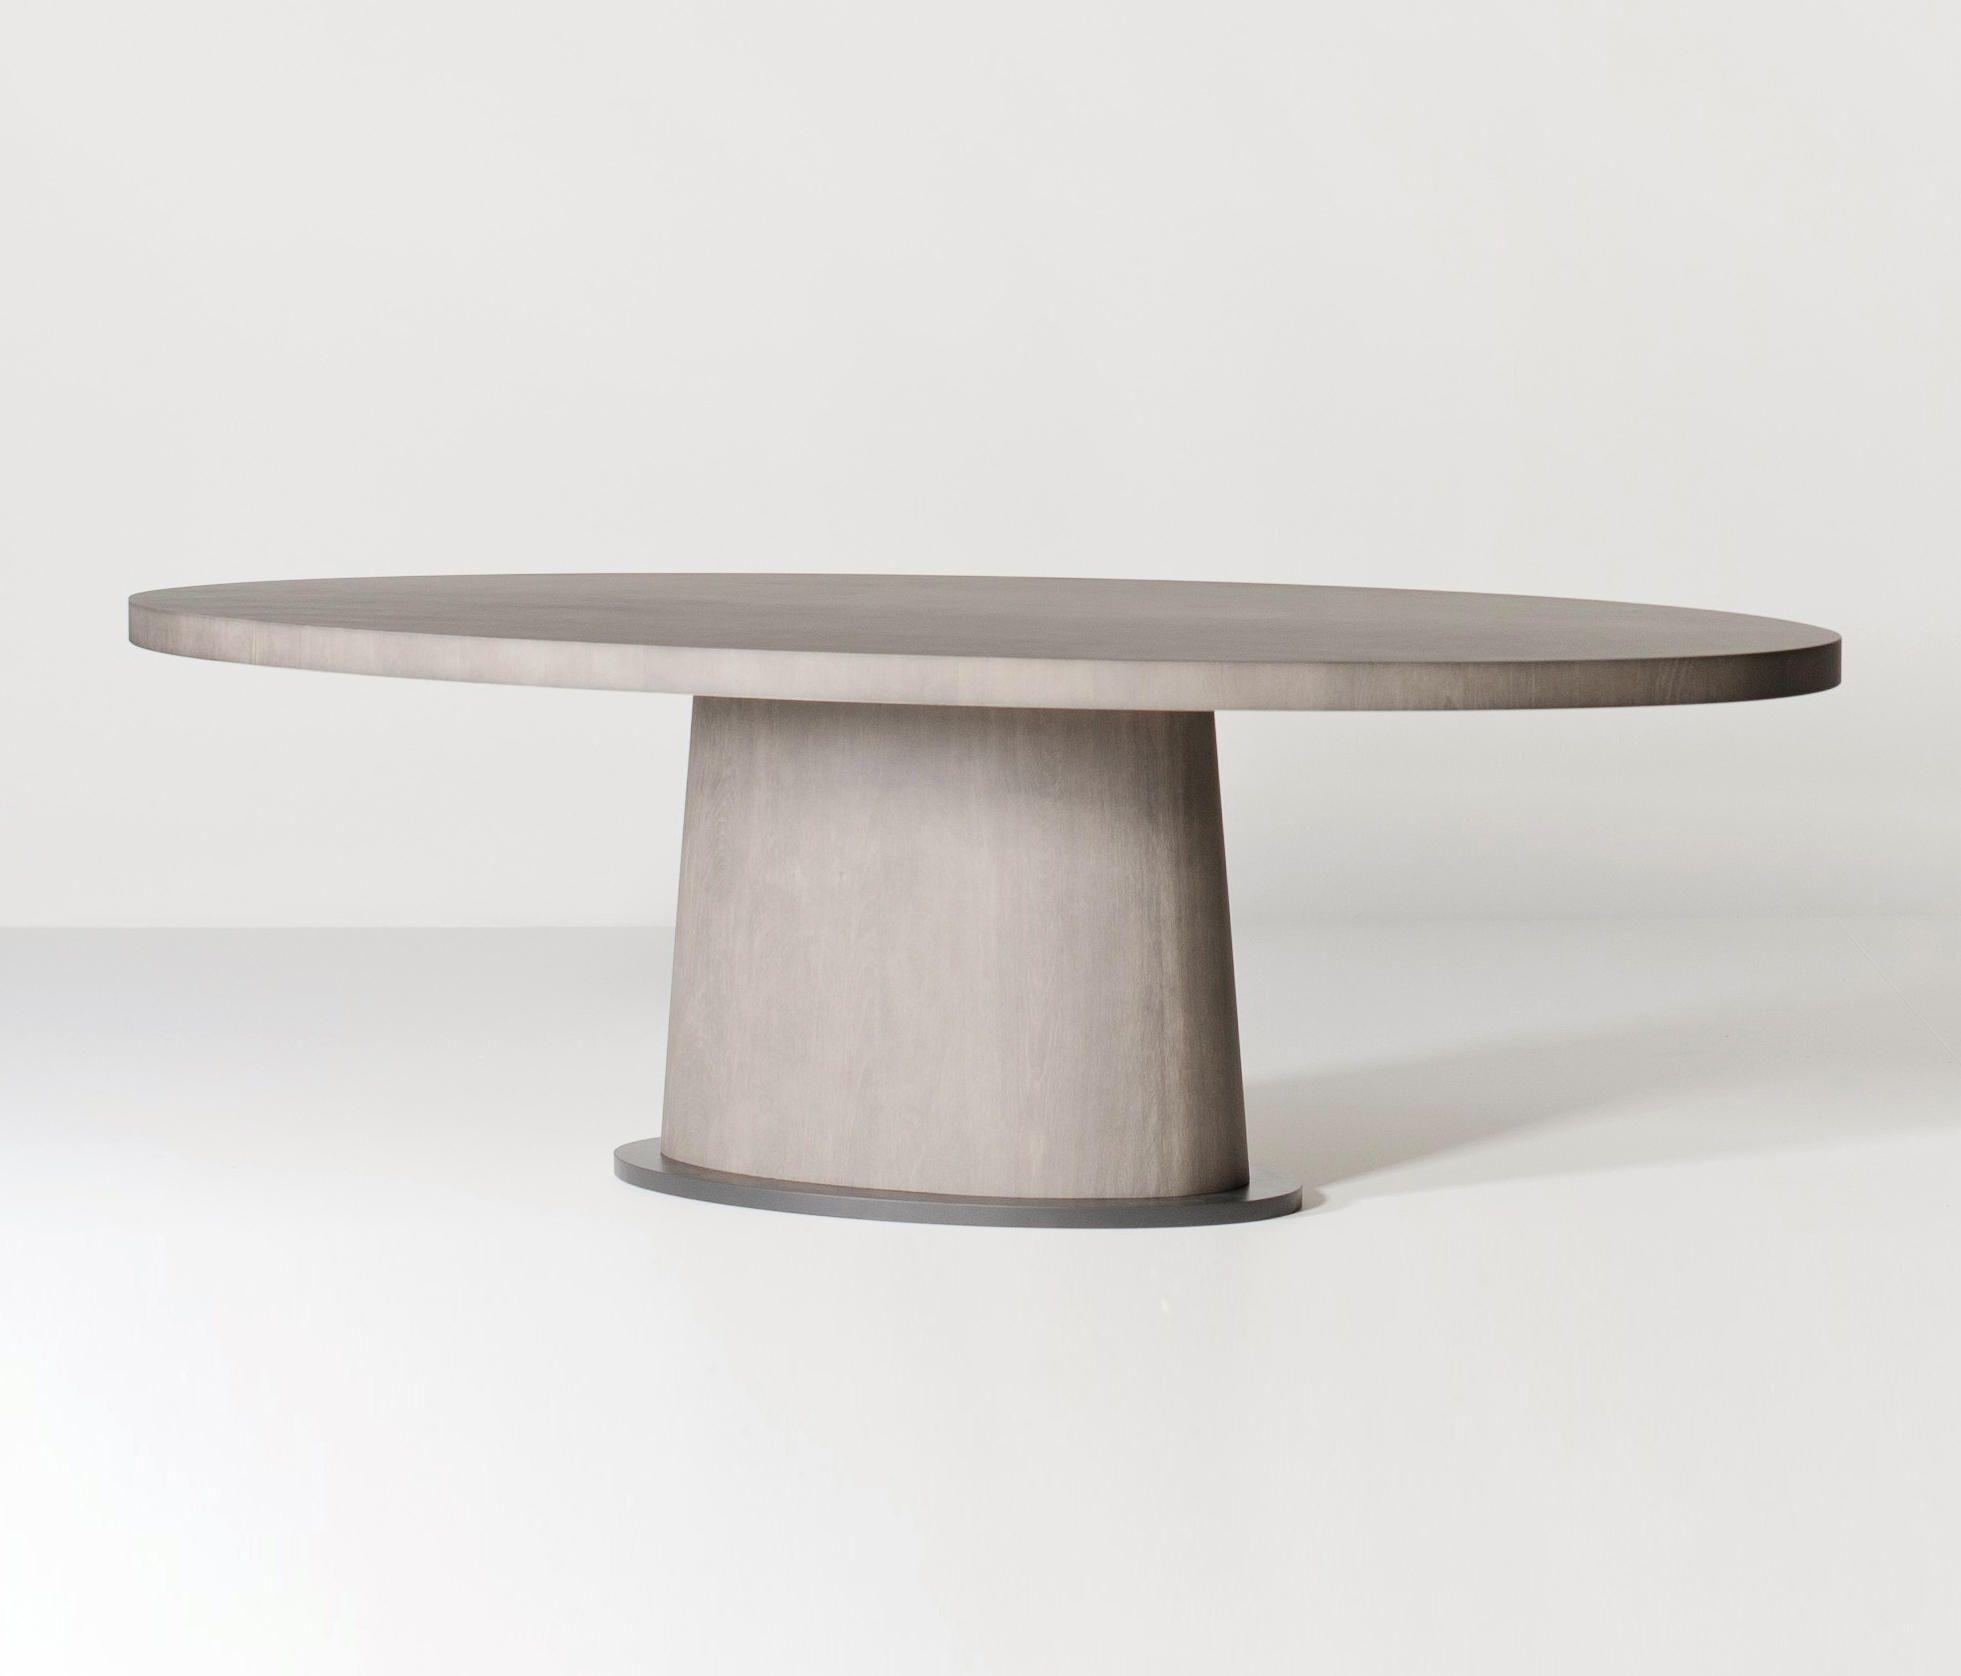 Kops Dining Table Oval Designer Dining Tables From Van Rossum